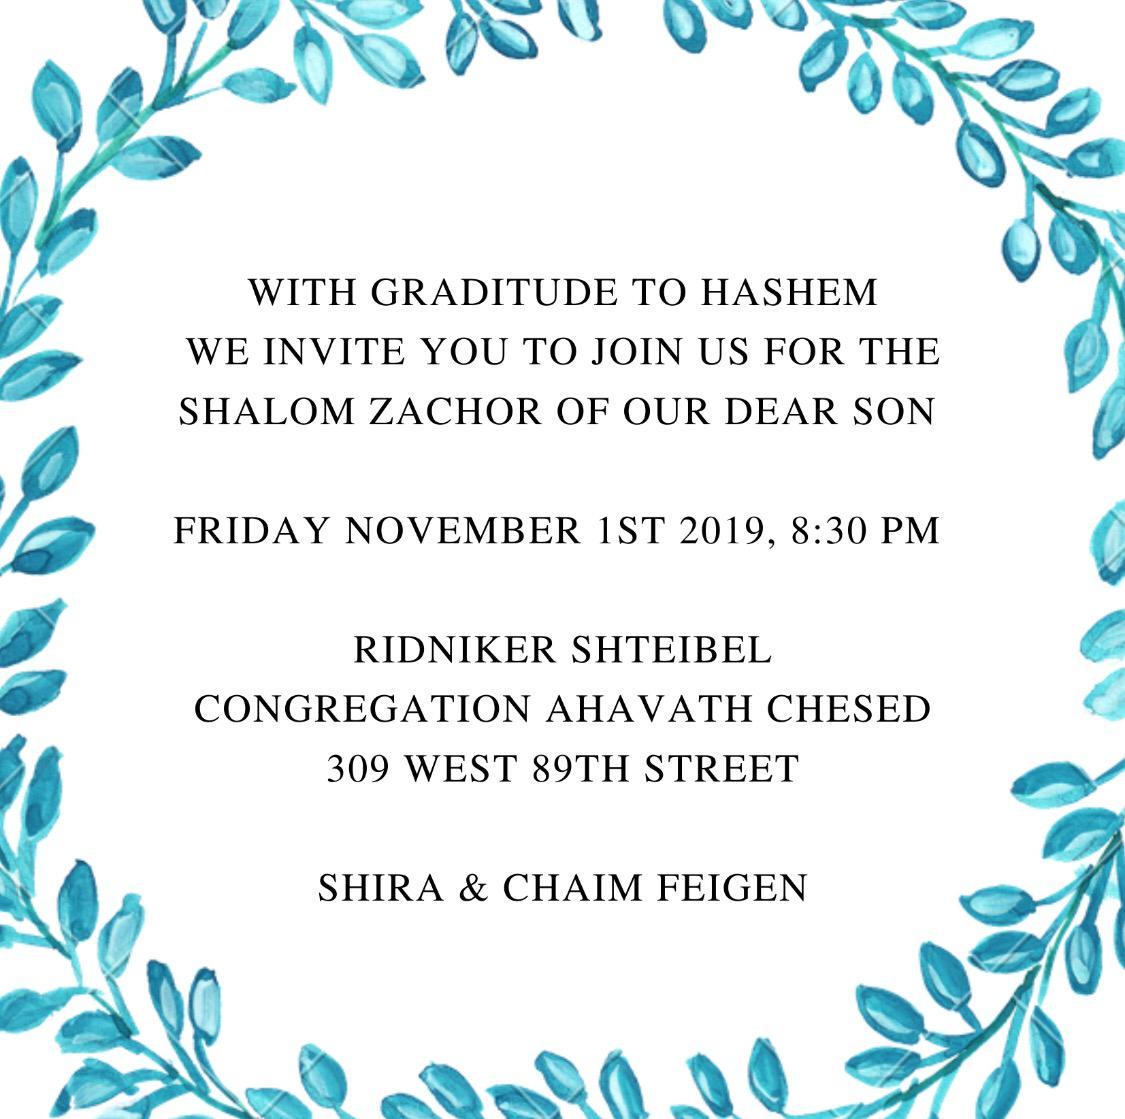 Feigen Shalom Zachor